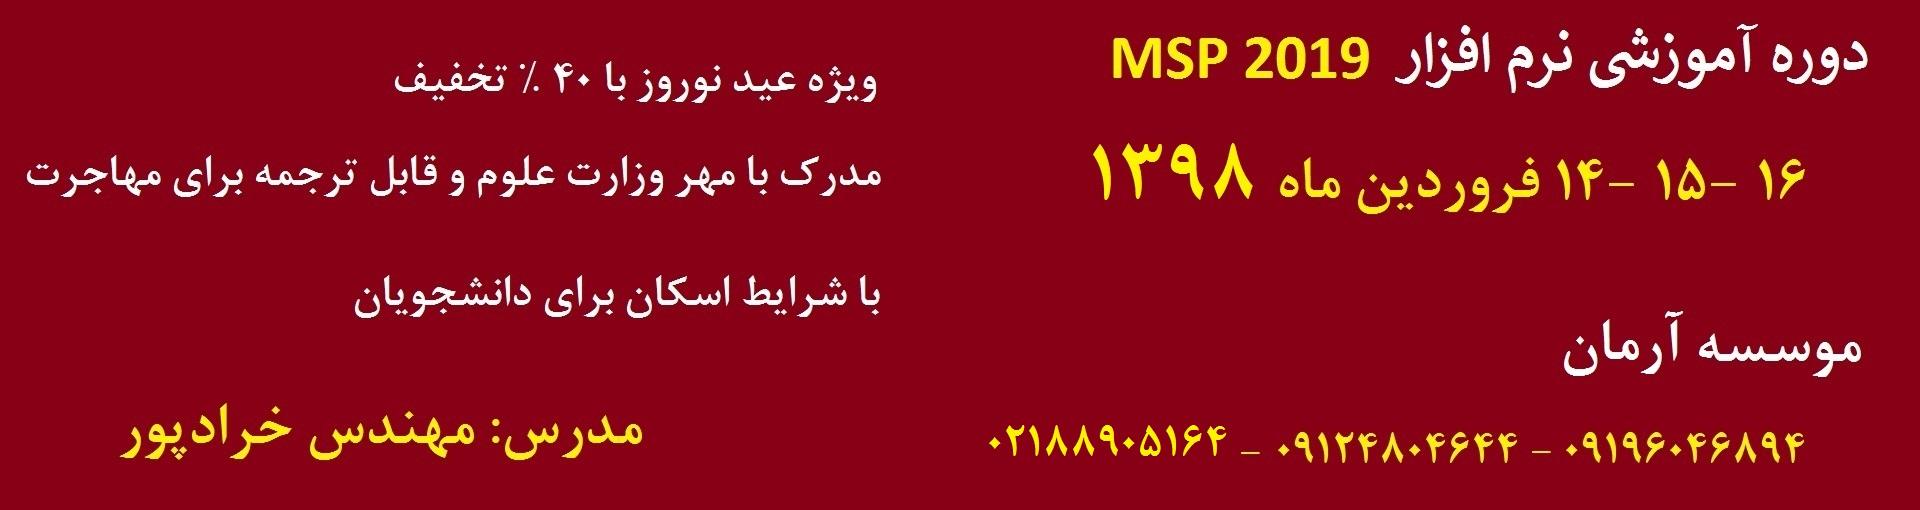 دوره فشرده MSP 2019